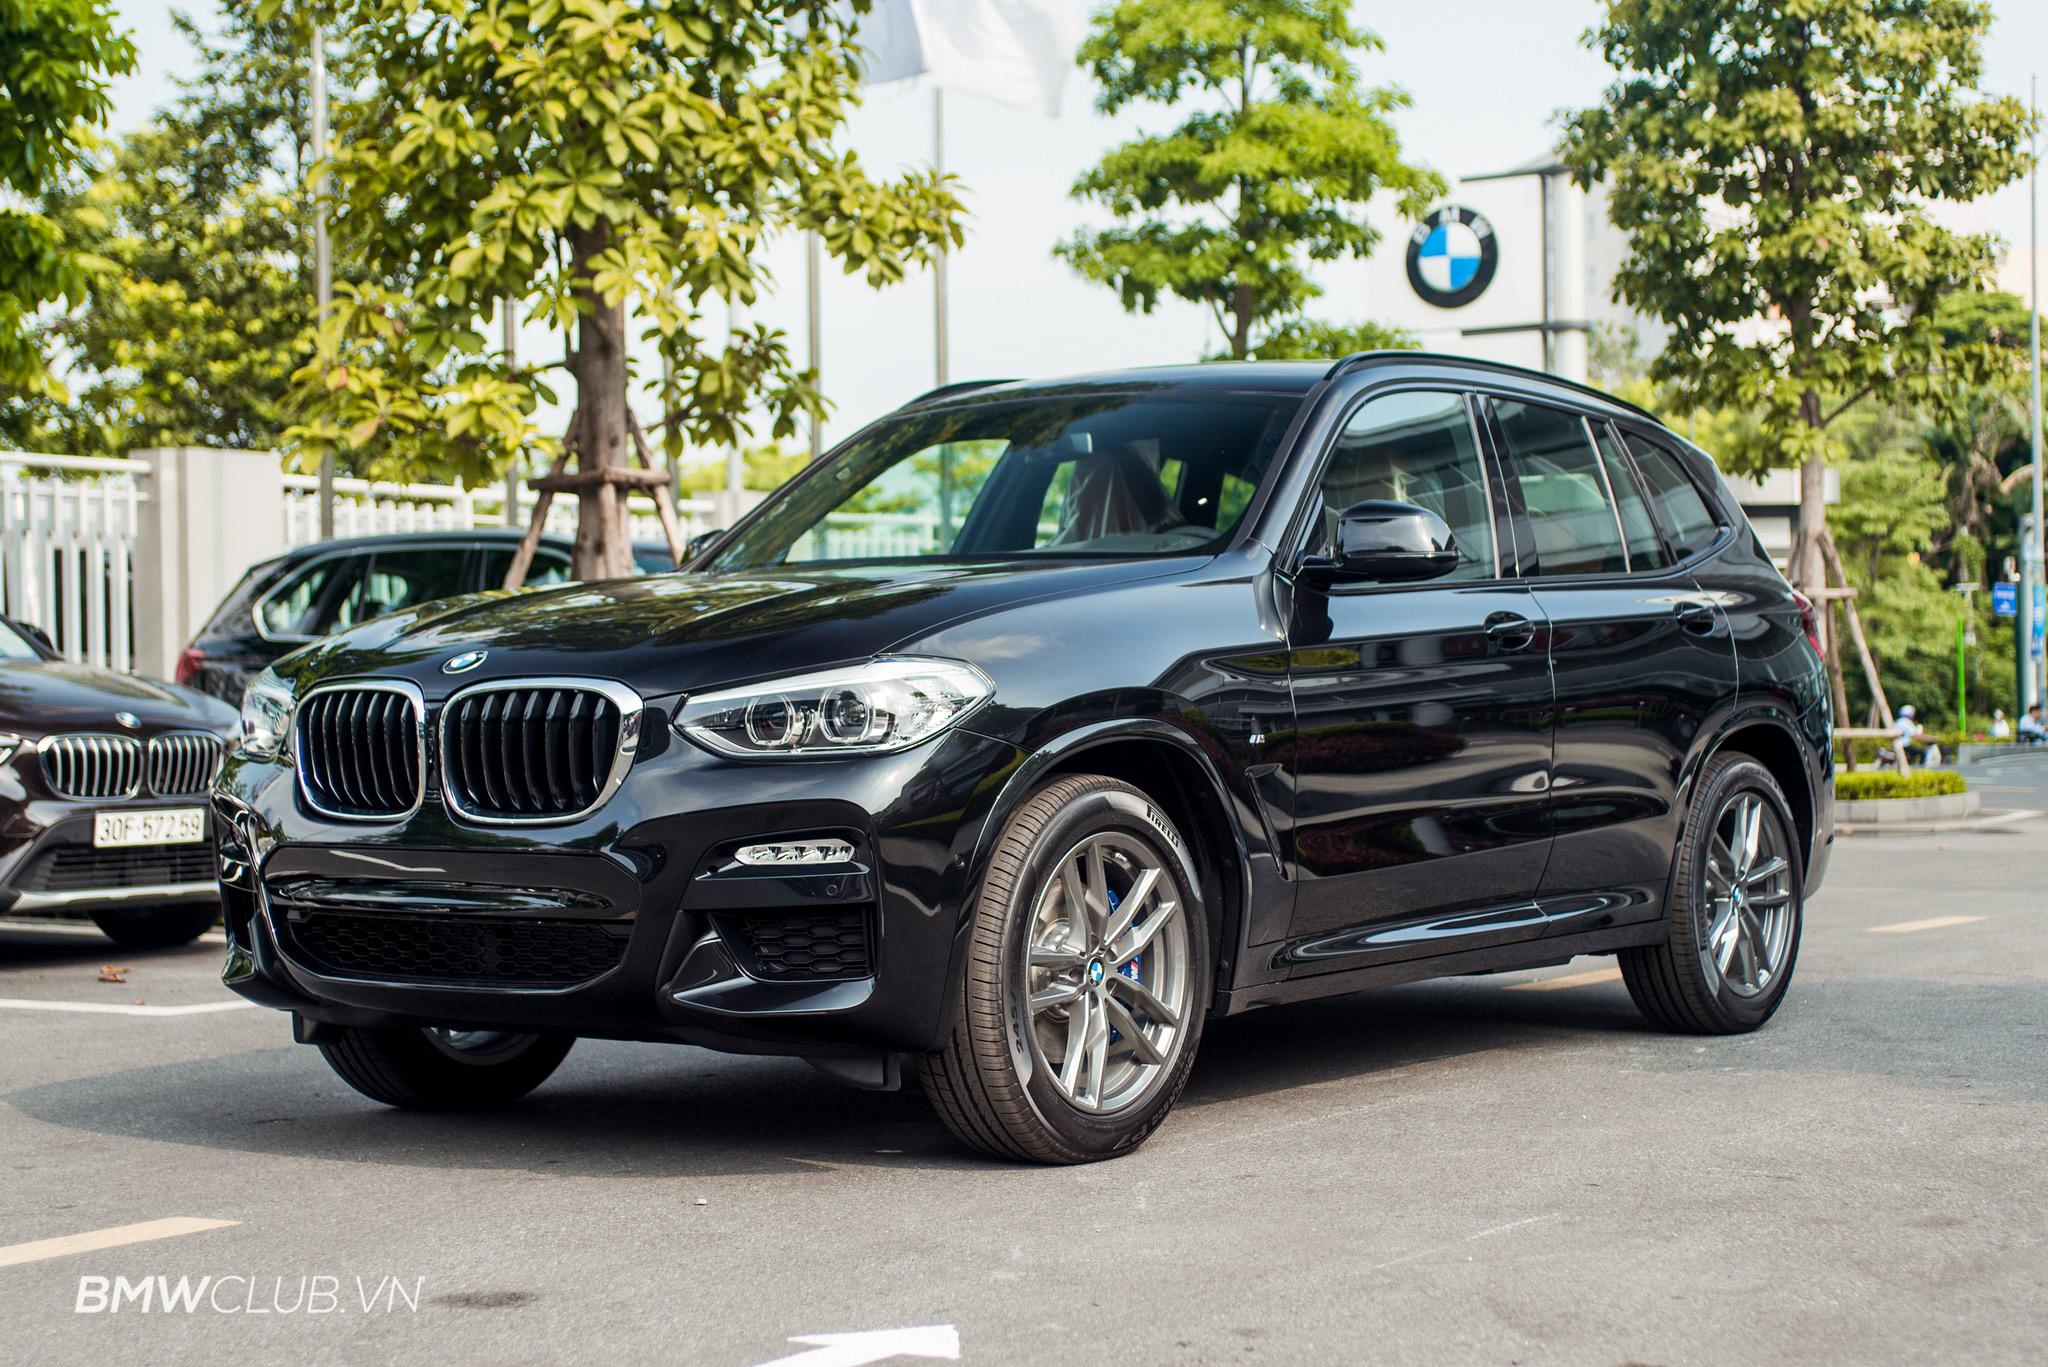 Khám phá từ trong ra ngoài BMW X3 2017